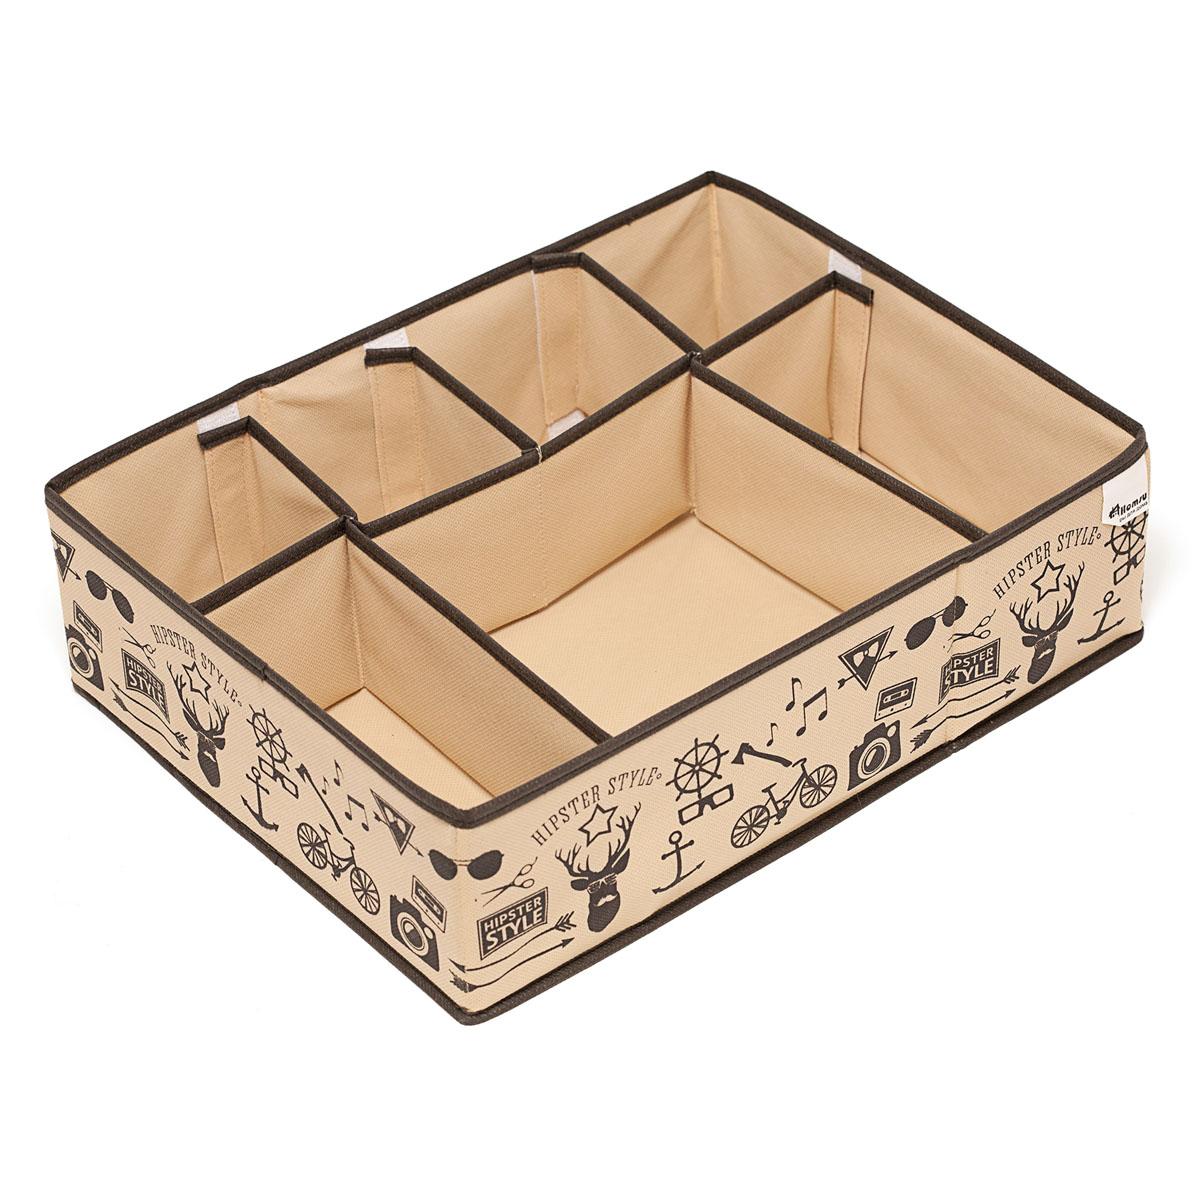 Органайзер для хранения вещей Homsu Hipster Style, 7 секций, 44 х 34 х 11 смCLP446Компактный органайзер Homsu Hipster Style изготовлен из высококачественного полиэстера, который обеспечивает естественную вентиляцию. Материал позволяет воздуху свободно проникать внутрь, но не пропускает пыль. Органайзер отлично держит форму, благодаря вставкам из плотного картона. Изделие имеет 7 секций для хранения нижнего белья, колготок, носков и другой одежды.Такой органайзер позволит вам хранить вещи компактно и удобно, а оригинальный дизайн сделает вашу гардеробную красивой и невероятно стильной.